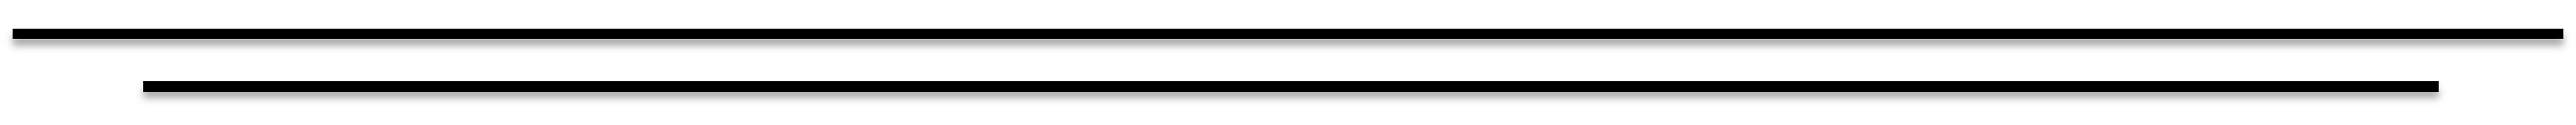 black-divider.png